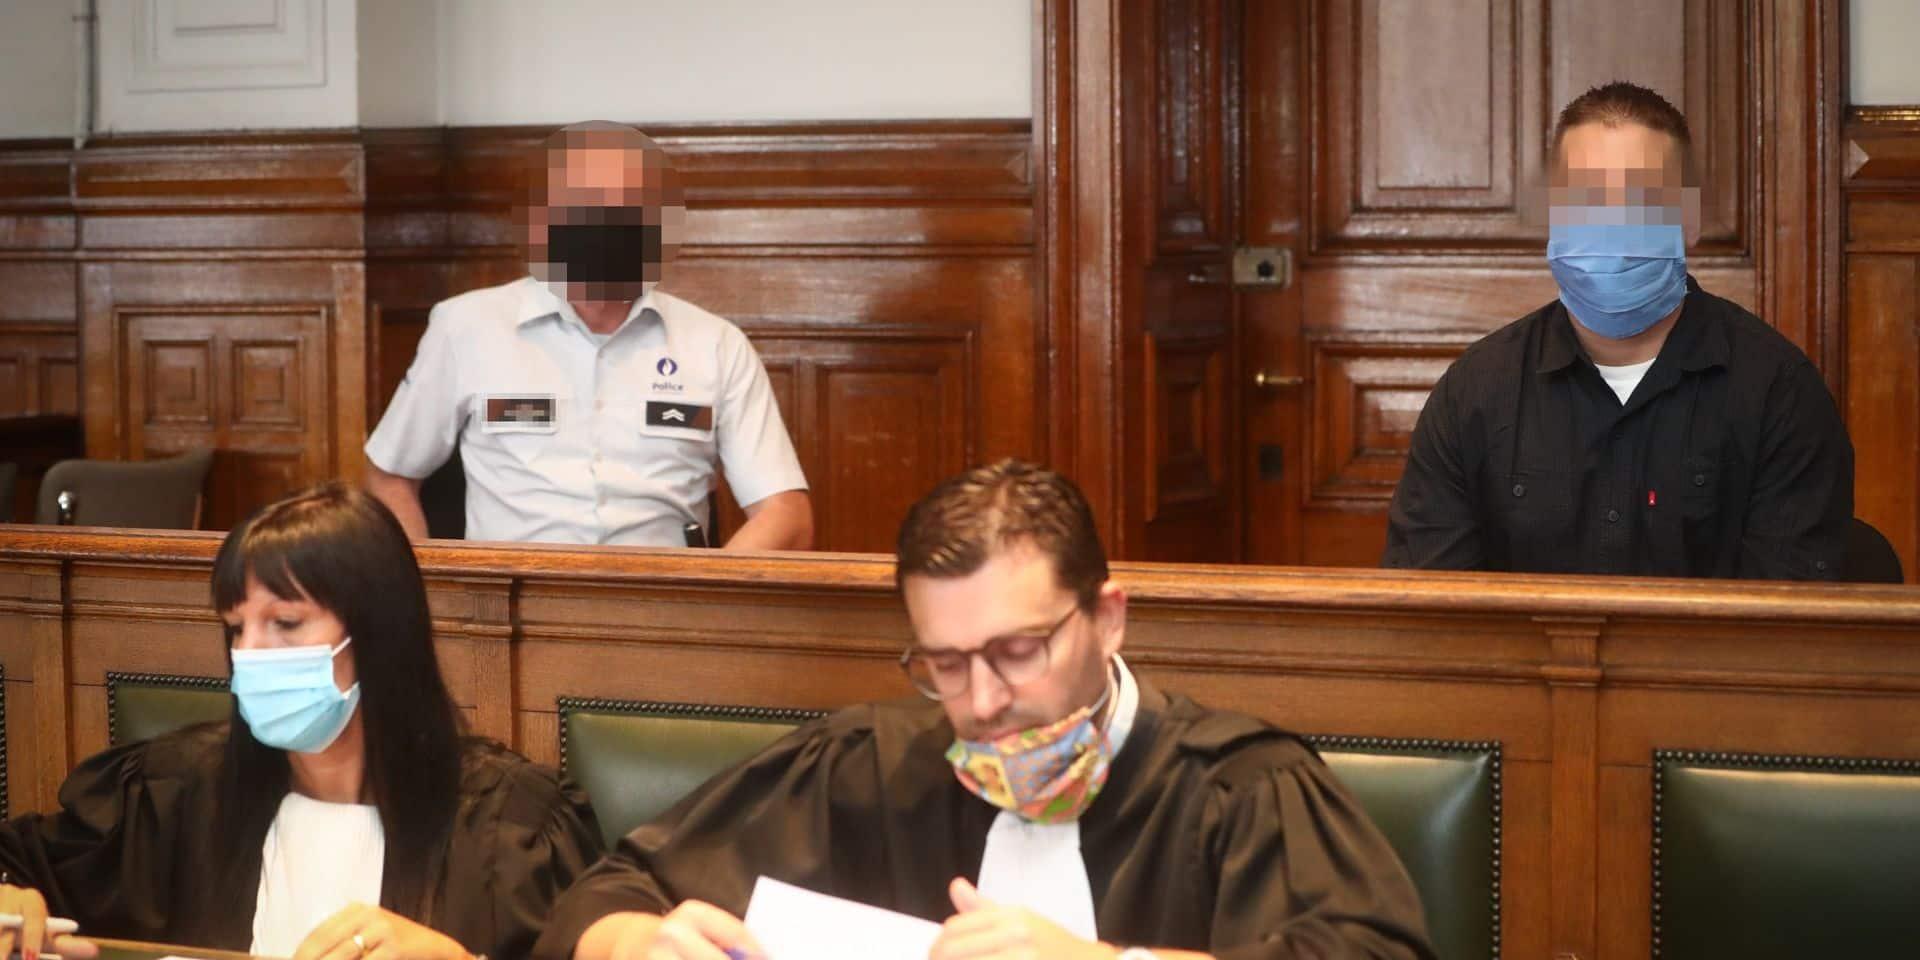 """Assises de Namur : """"Il m'a dit qu'il était dans la merde, que c'était grave"""", raconte le père de l'accusé"""